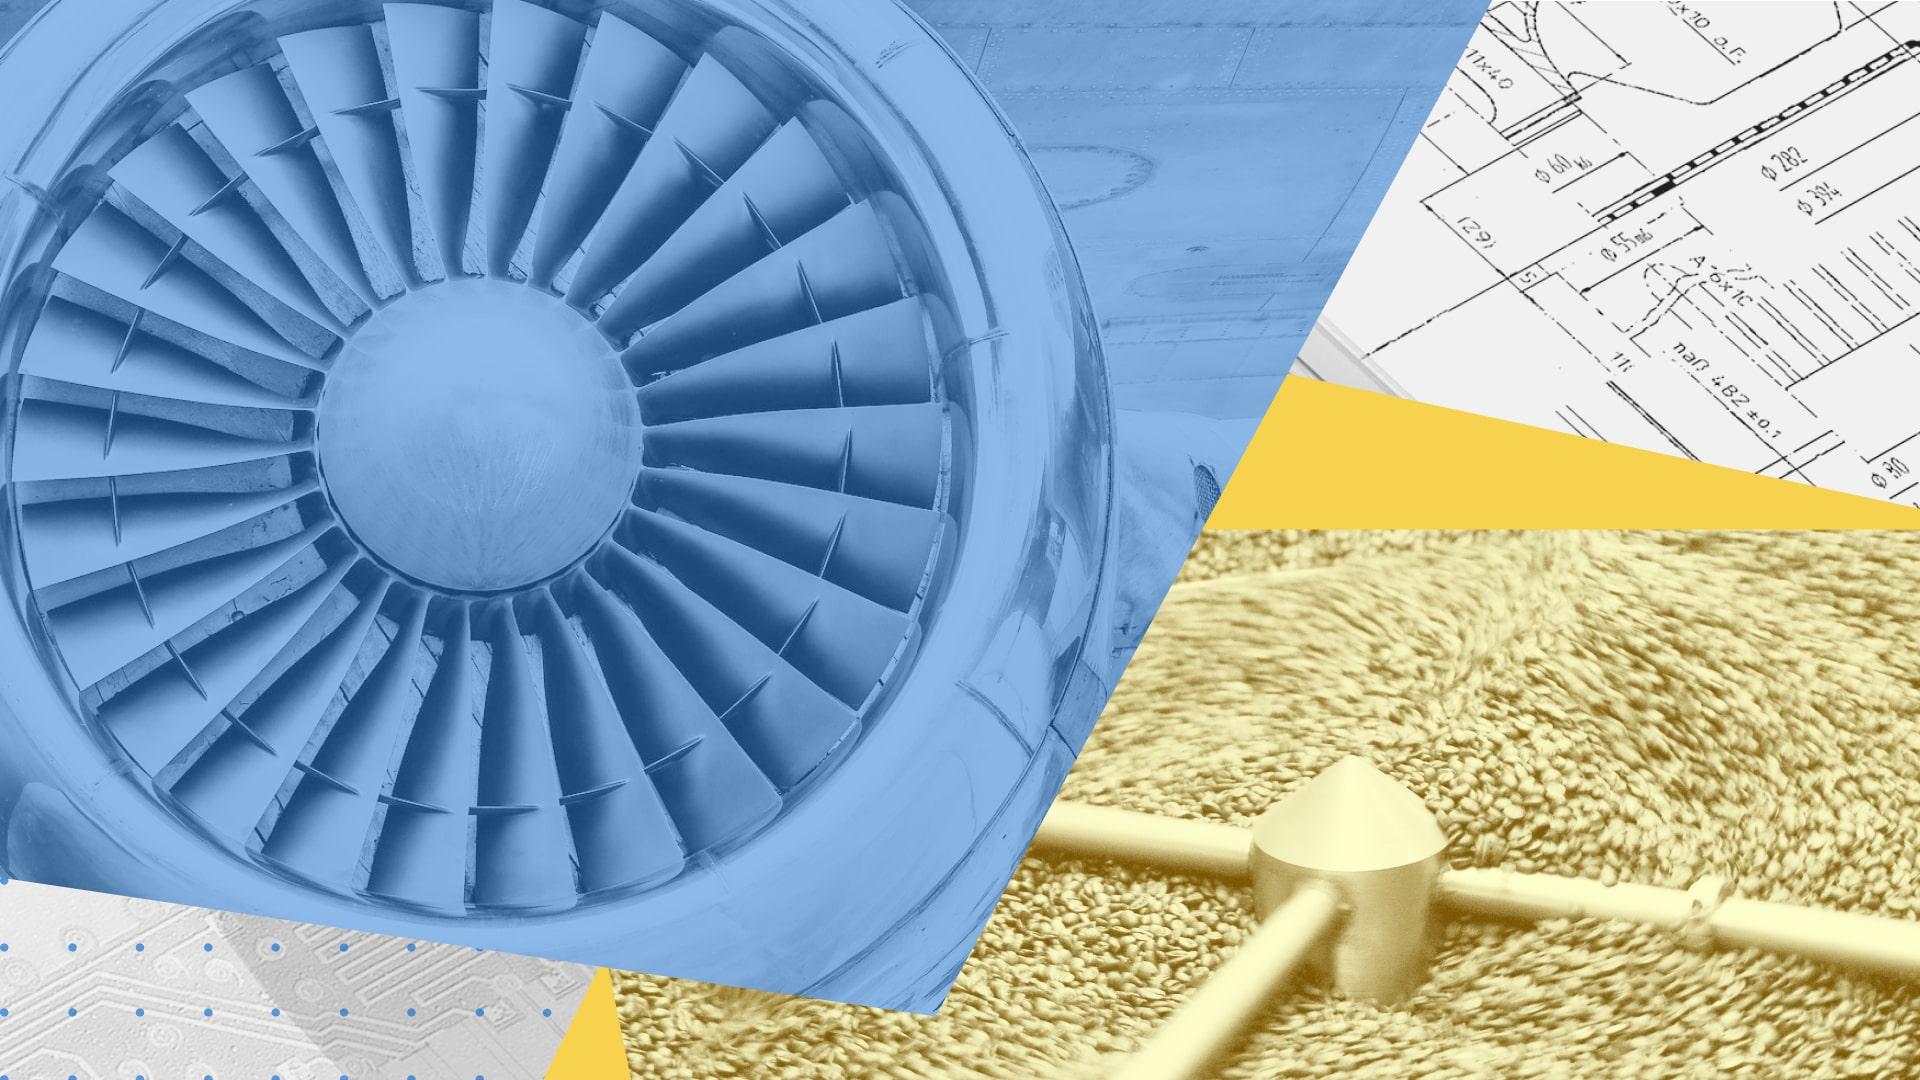 От авиации и двигателестроения до фармацевтики и АПК – на конференции CADFEM/Ansys покажут, как проводить инженерные расчеты в различных отраслях промышленности